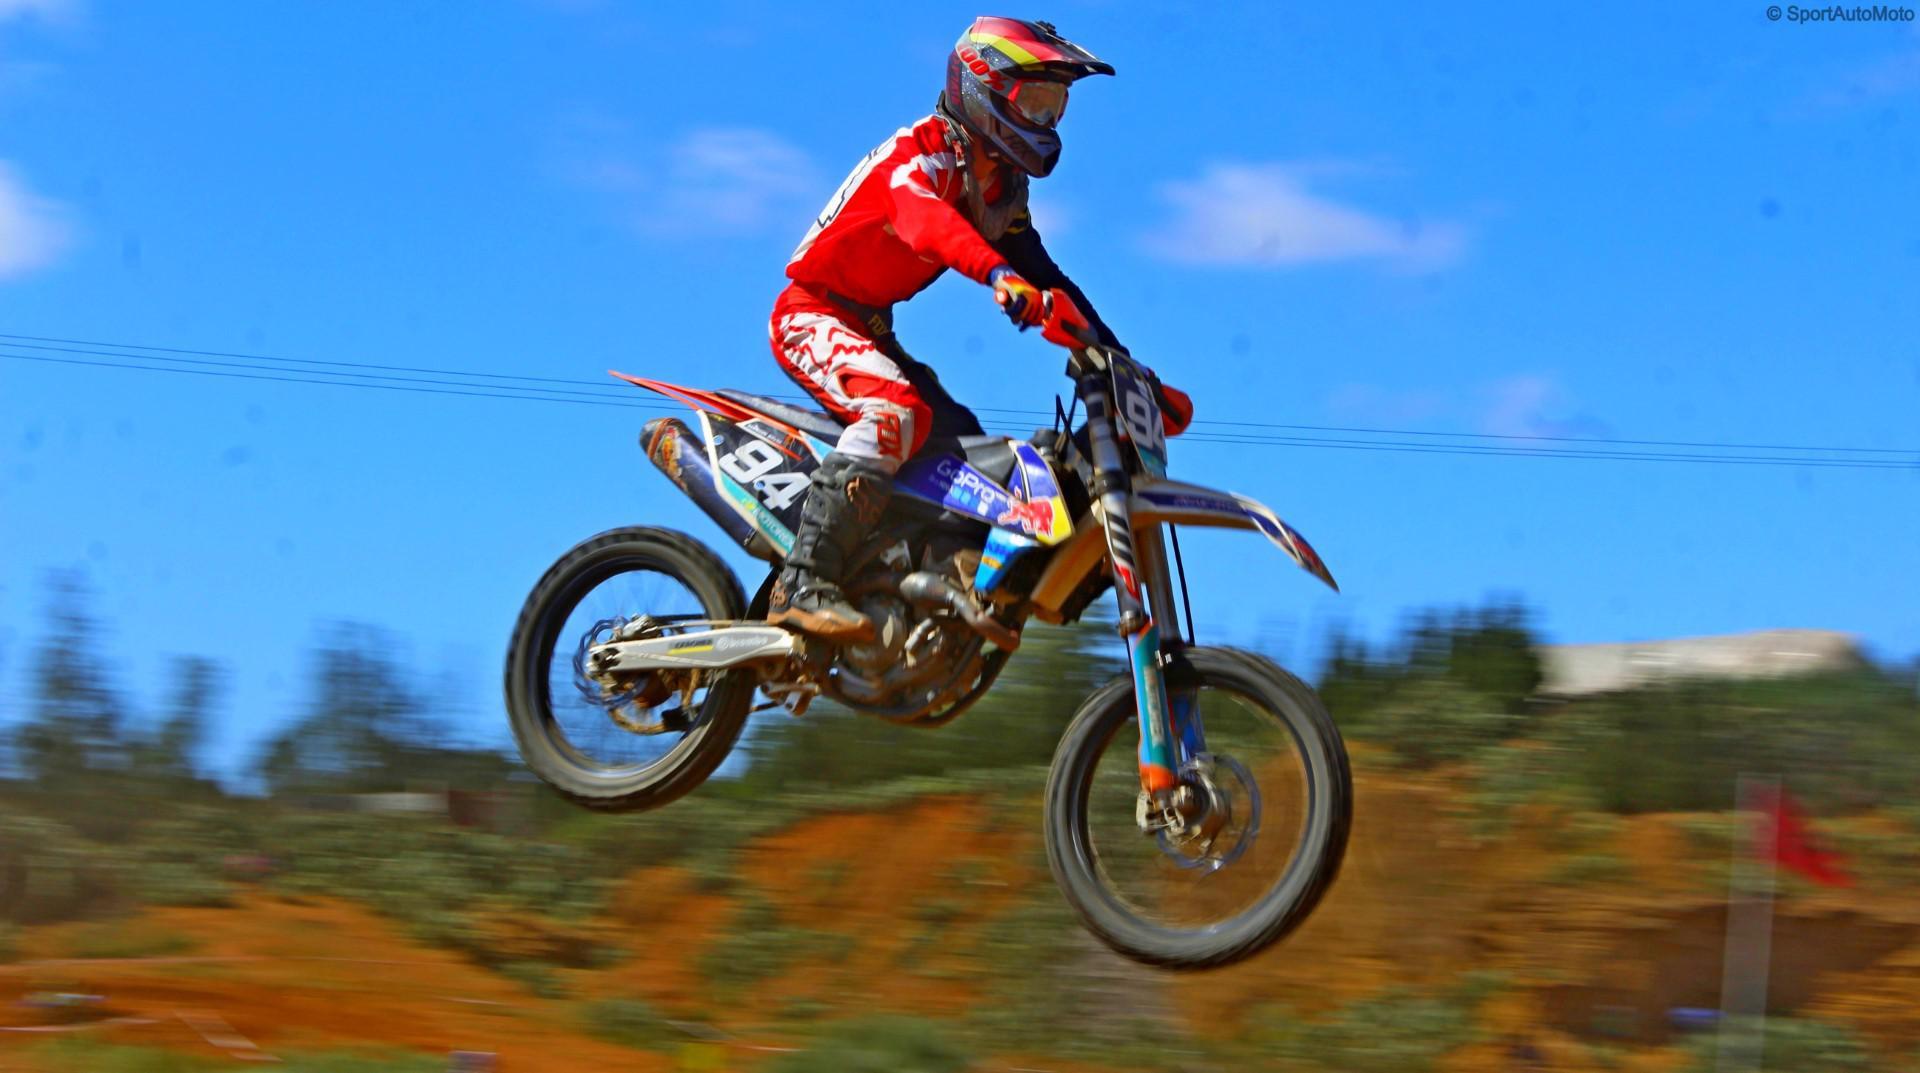 championnat-du-maroc-de-motocross-kenitra-774-9.jpg